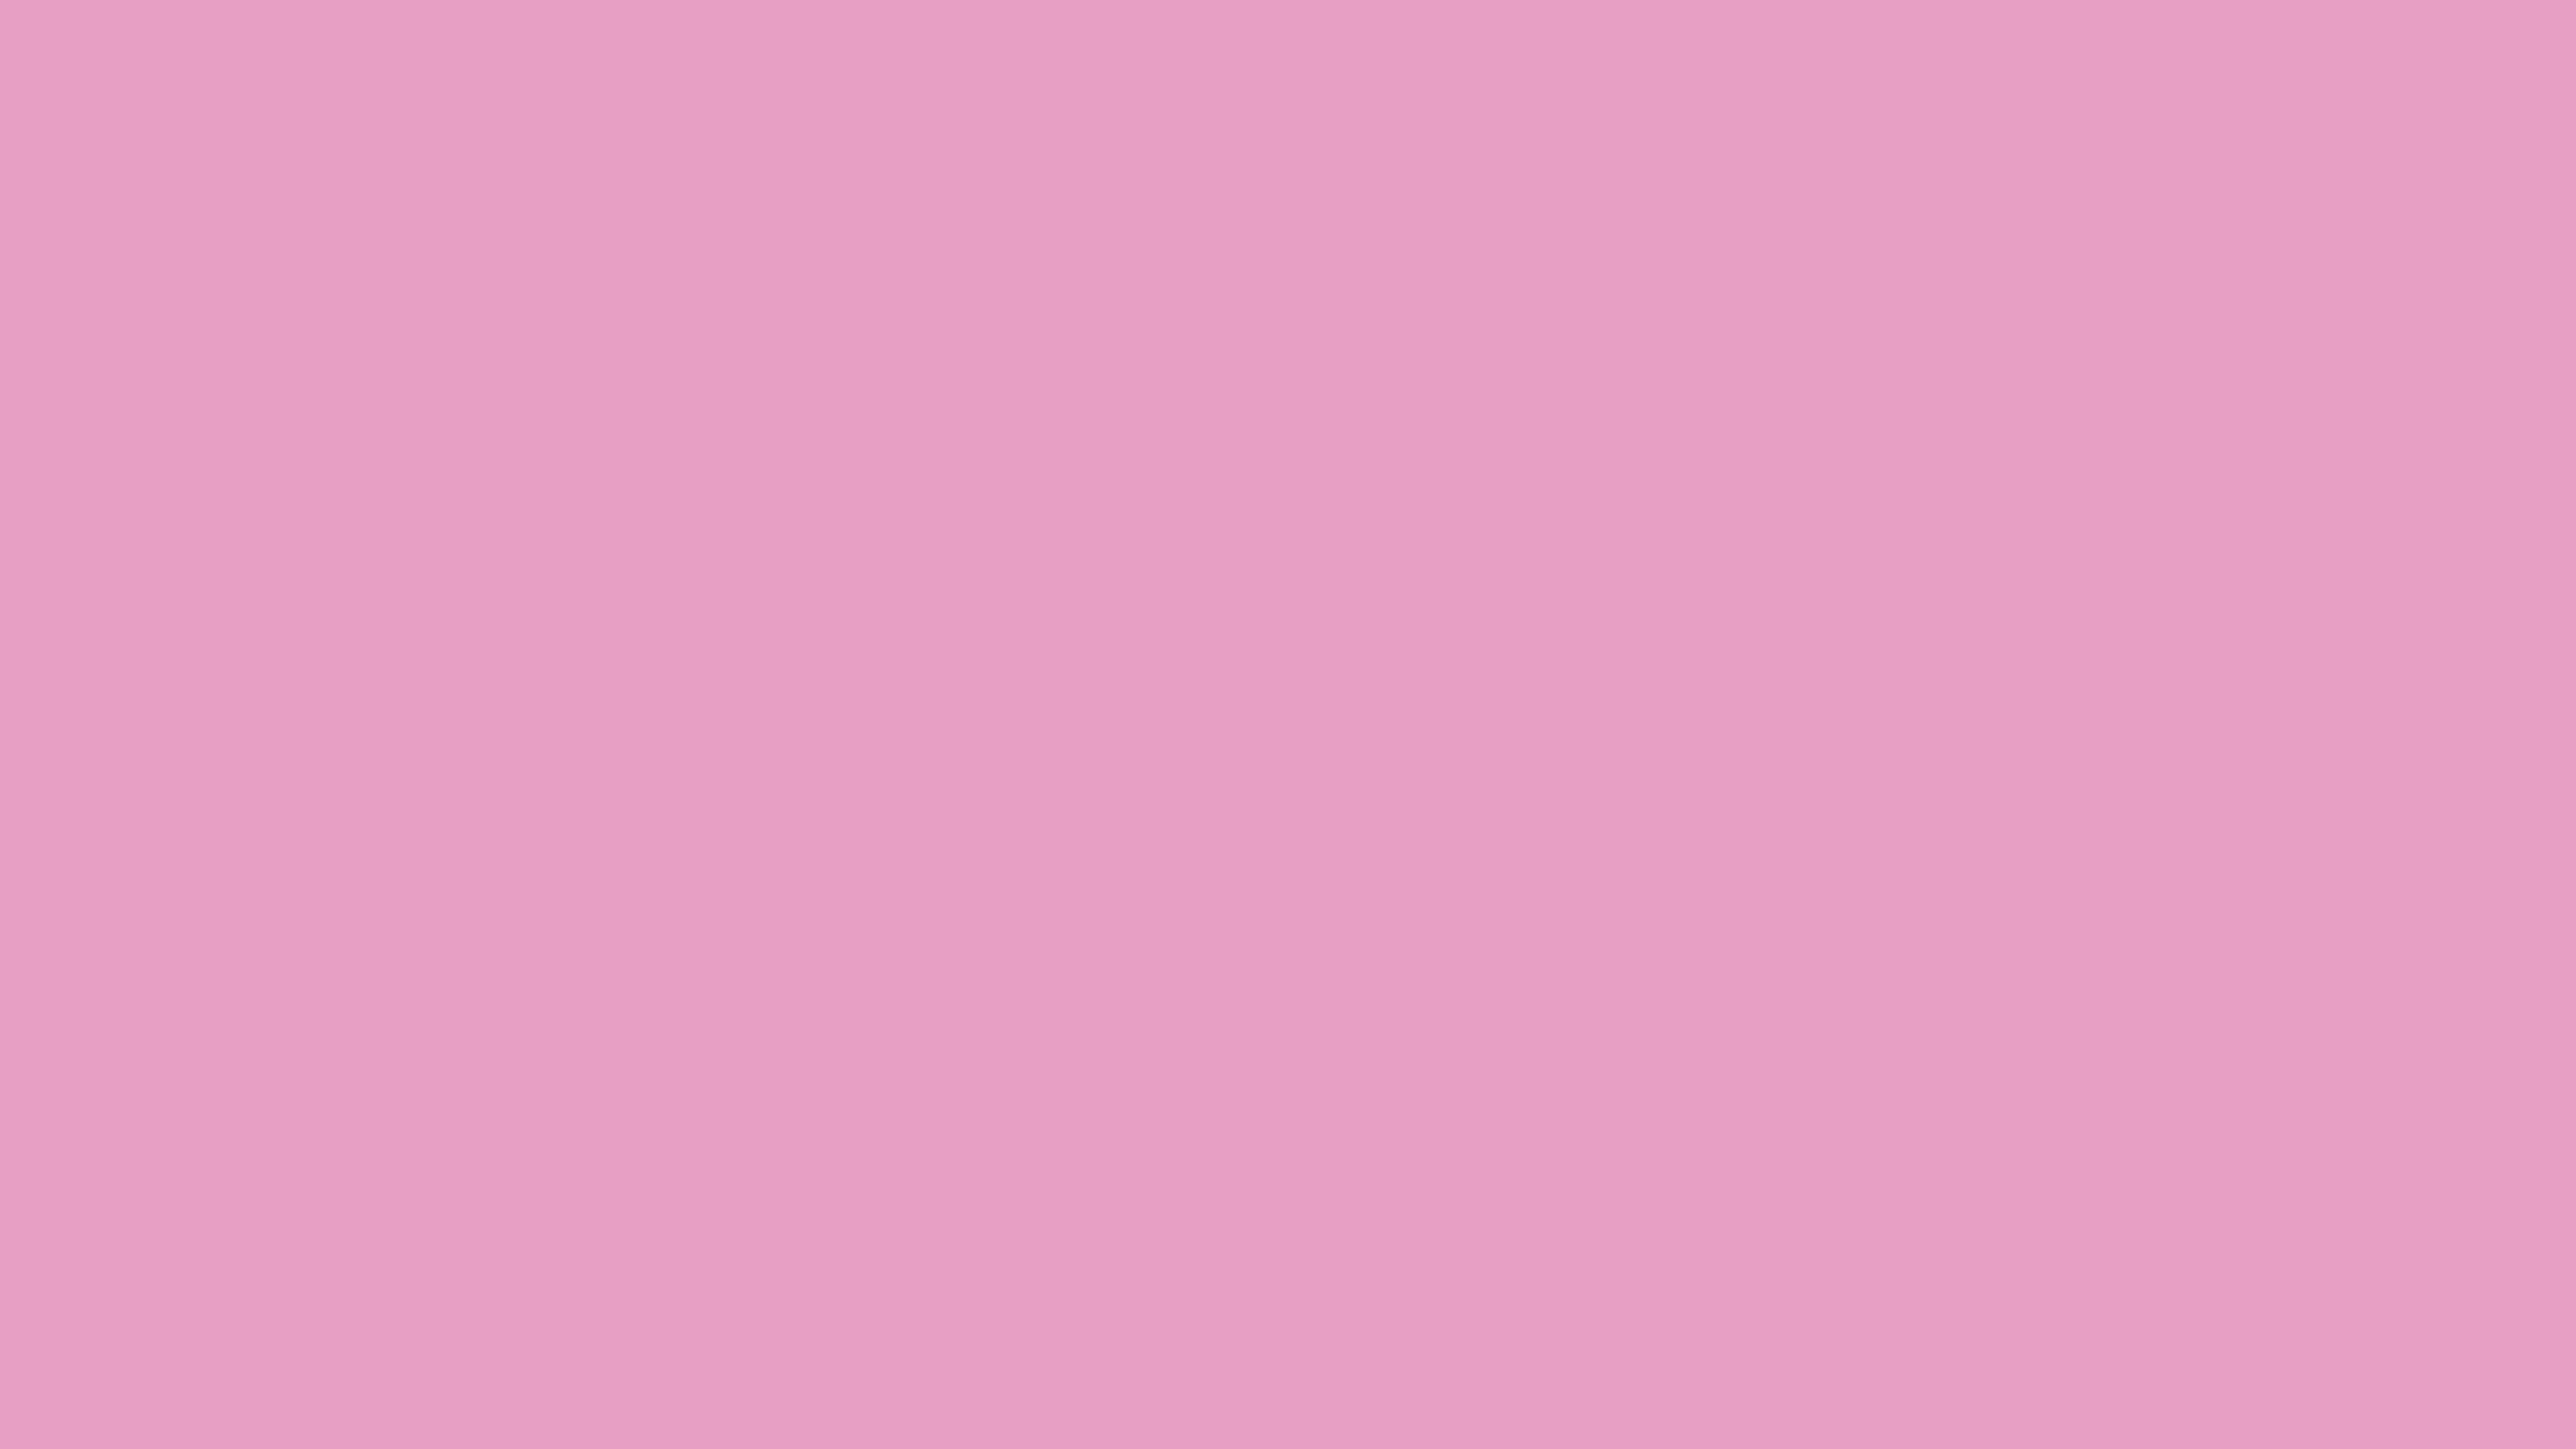 3840x2160 Kobi Solid Color Background